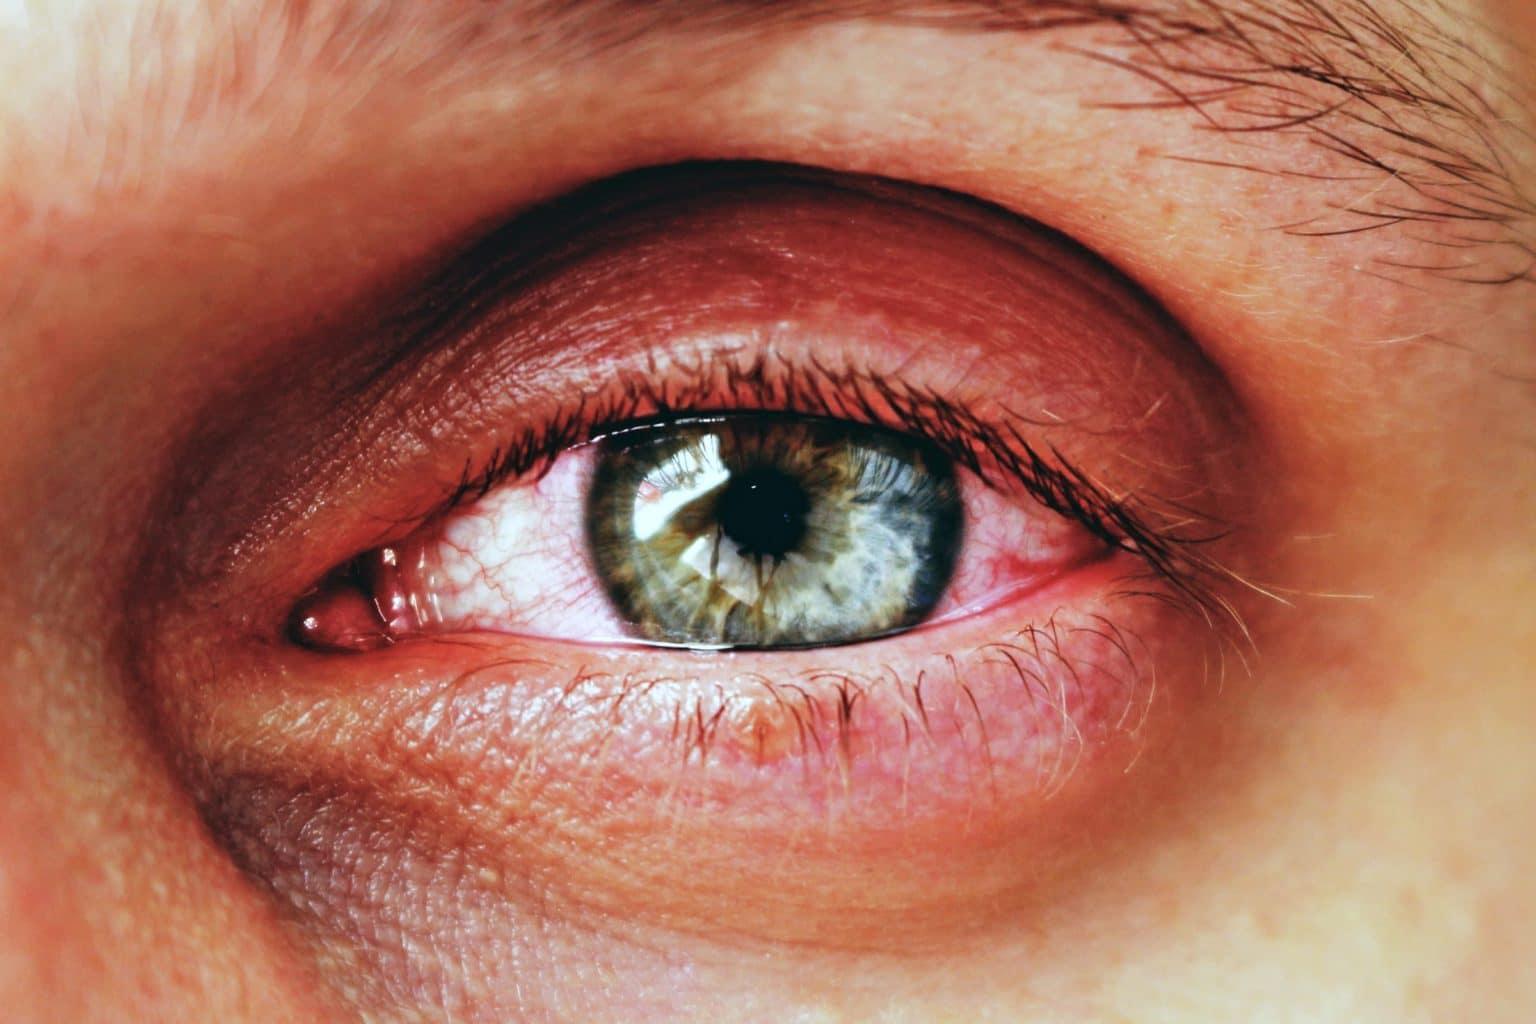 Как передается конъюнктивит от человека к человеку, заразен ли конъюнктивит или нет? | медицинский портал spacehealth